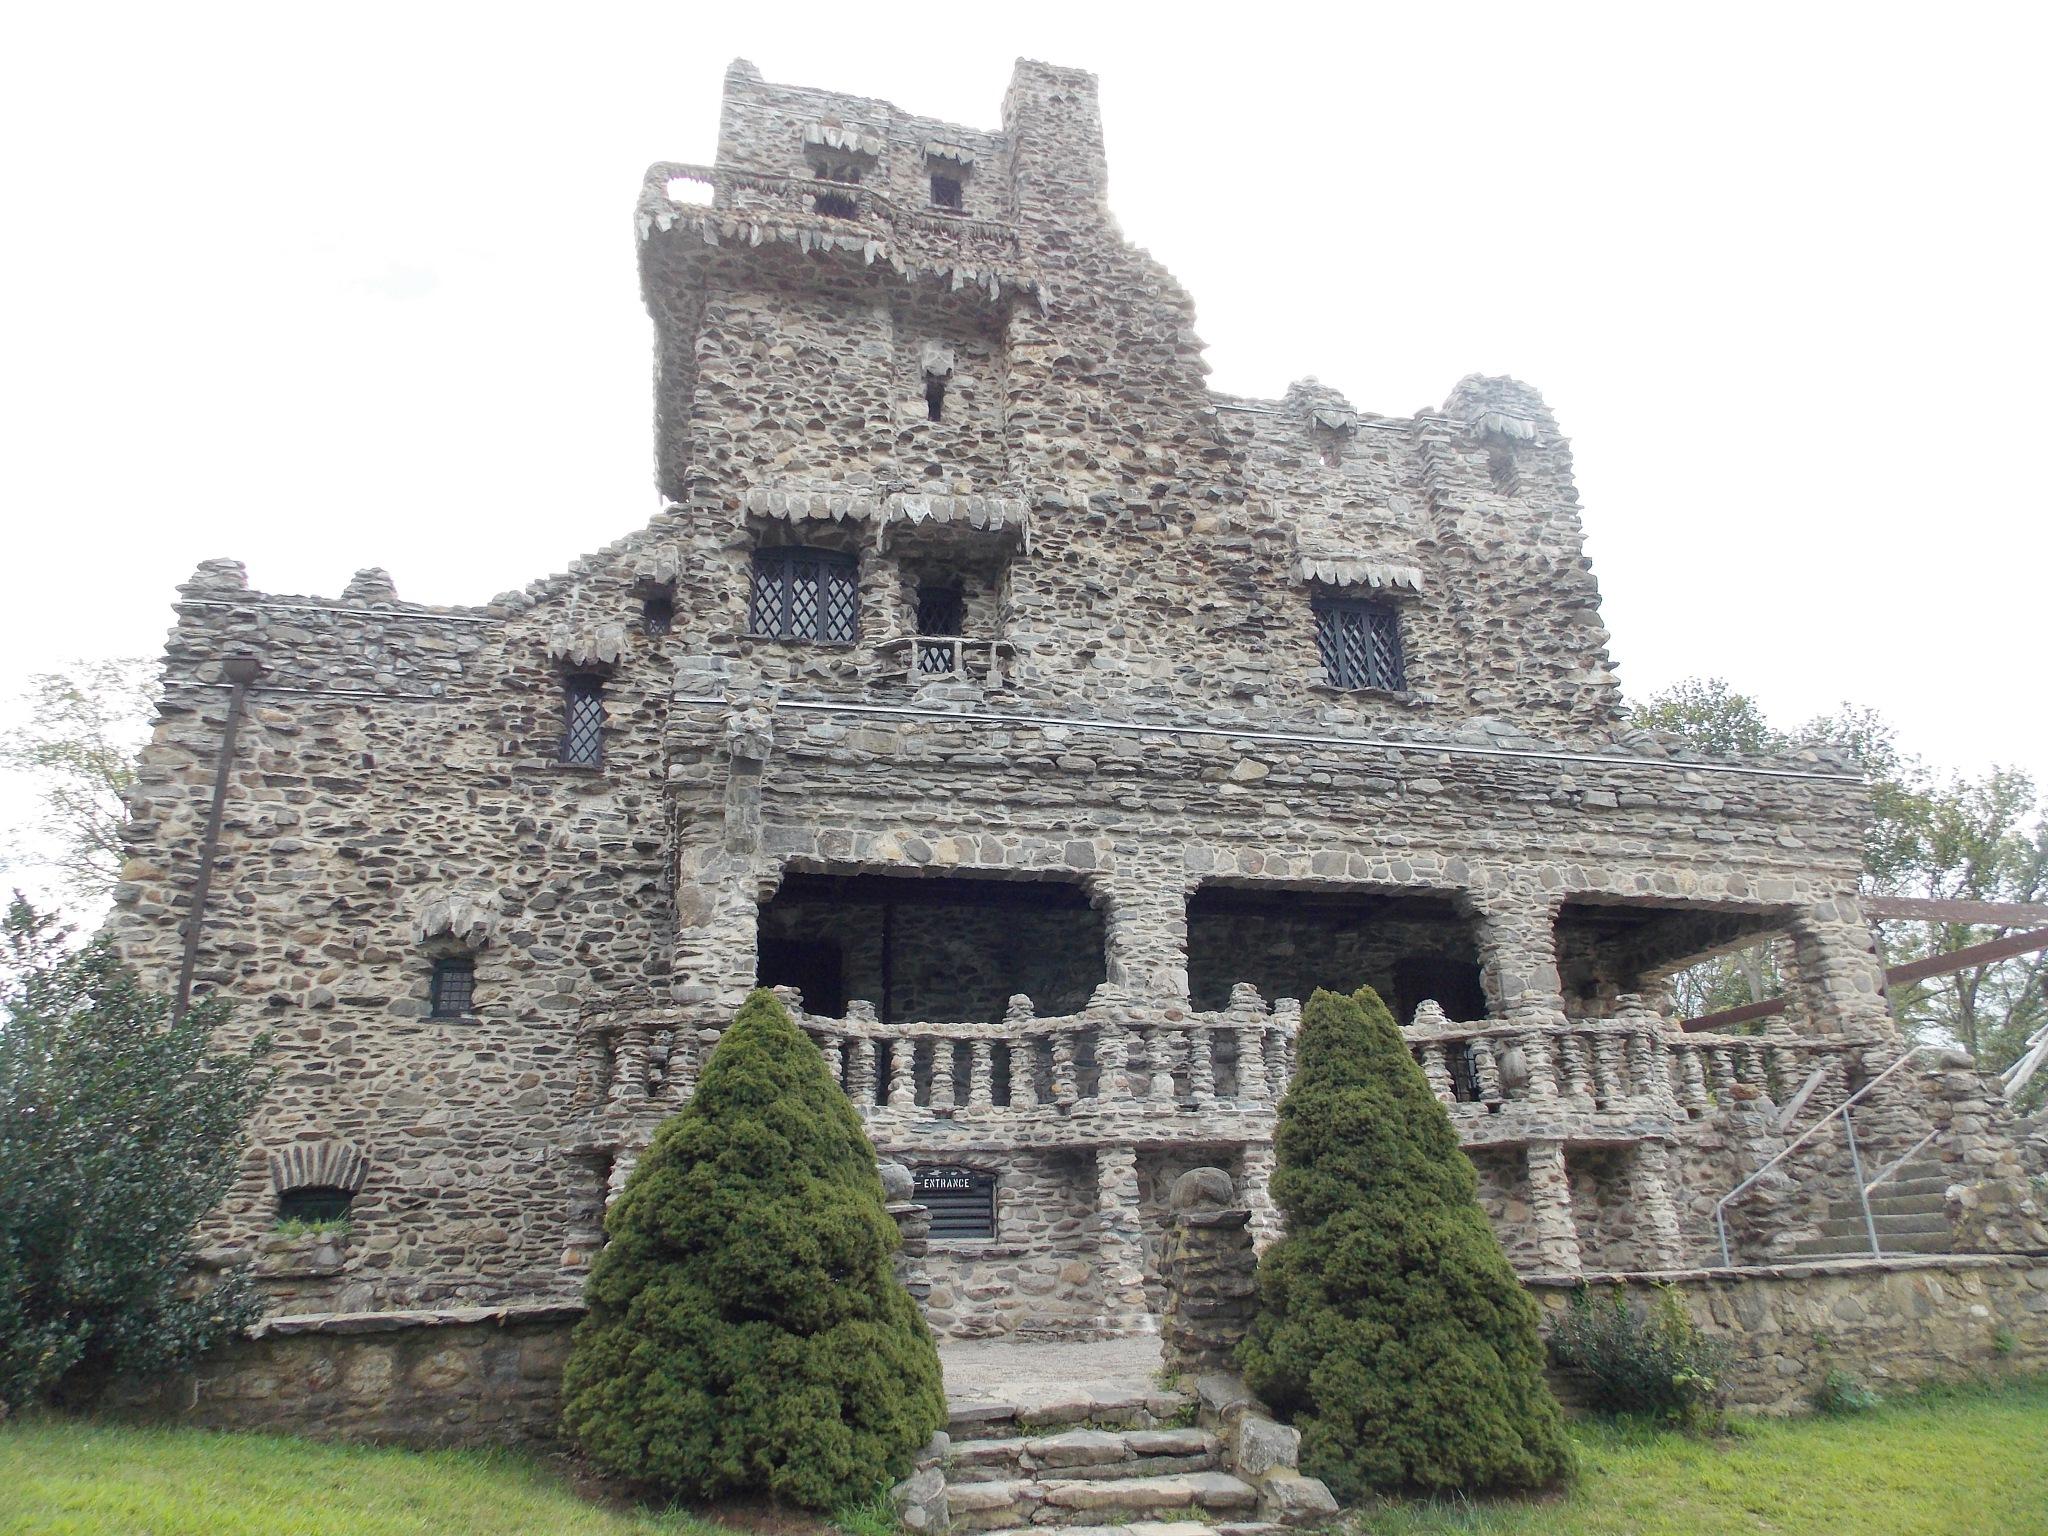 Gillette Castle by Victoria L. Smith